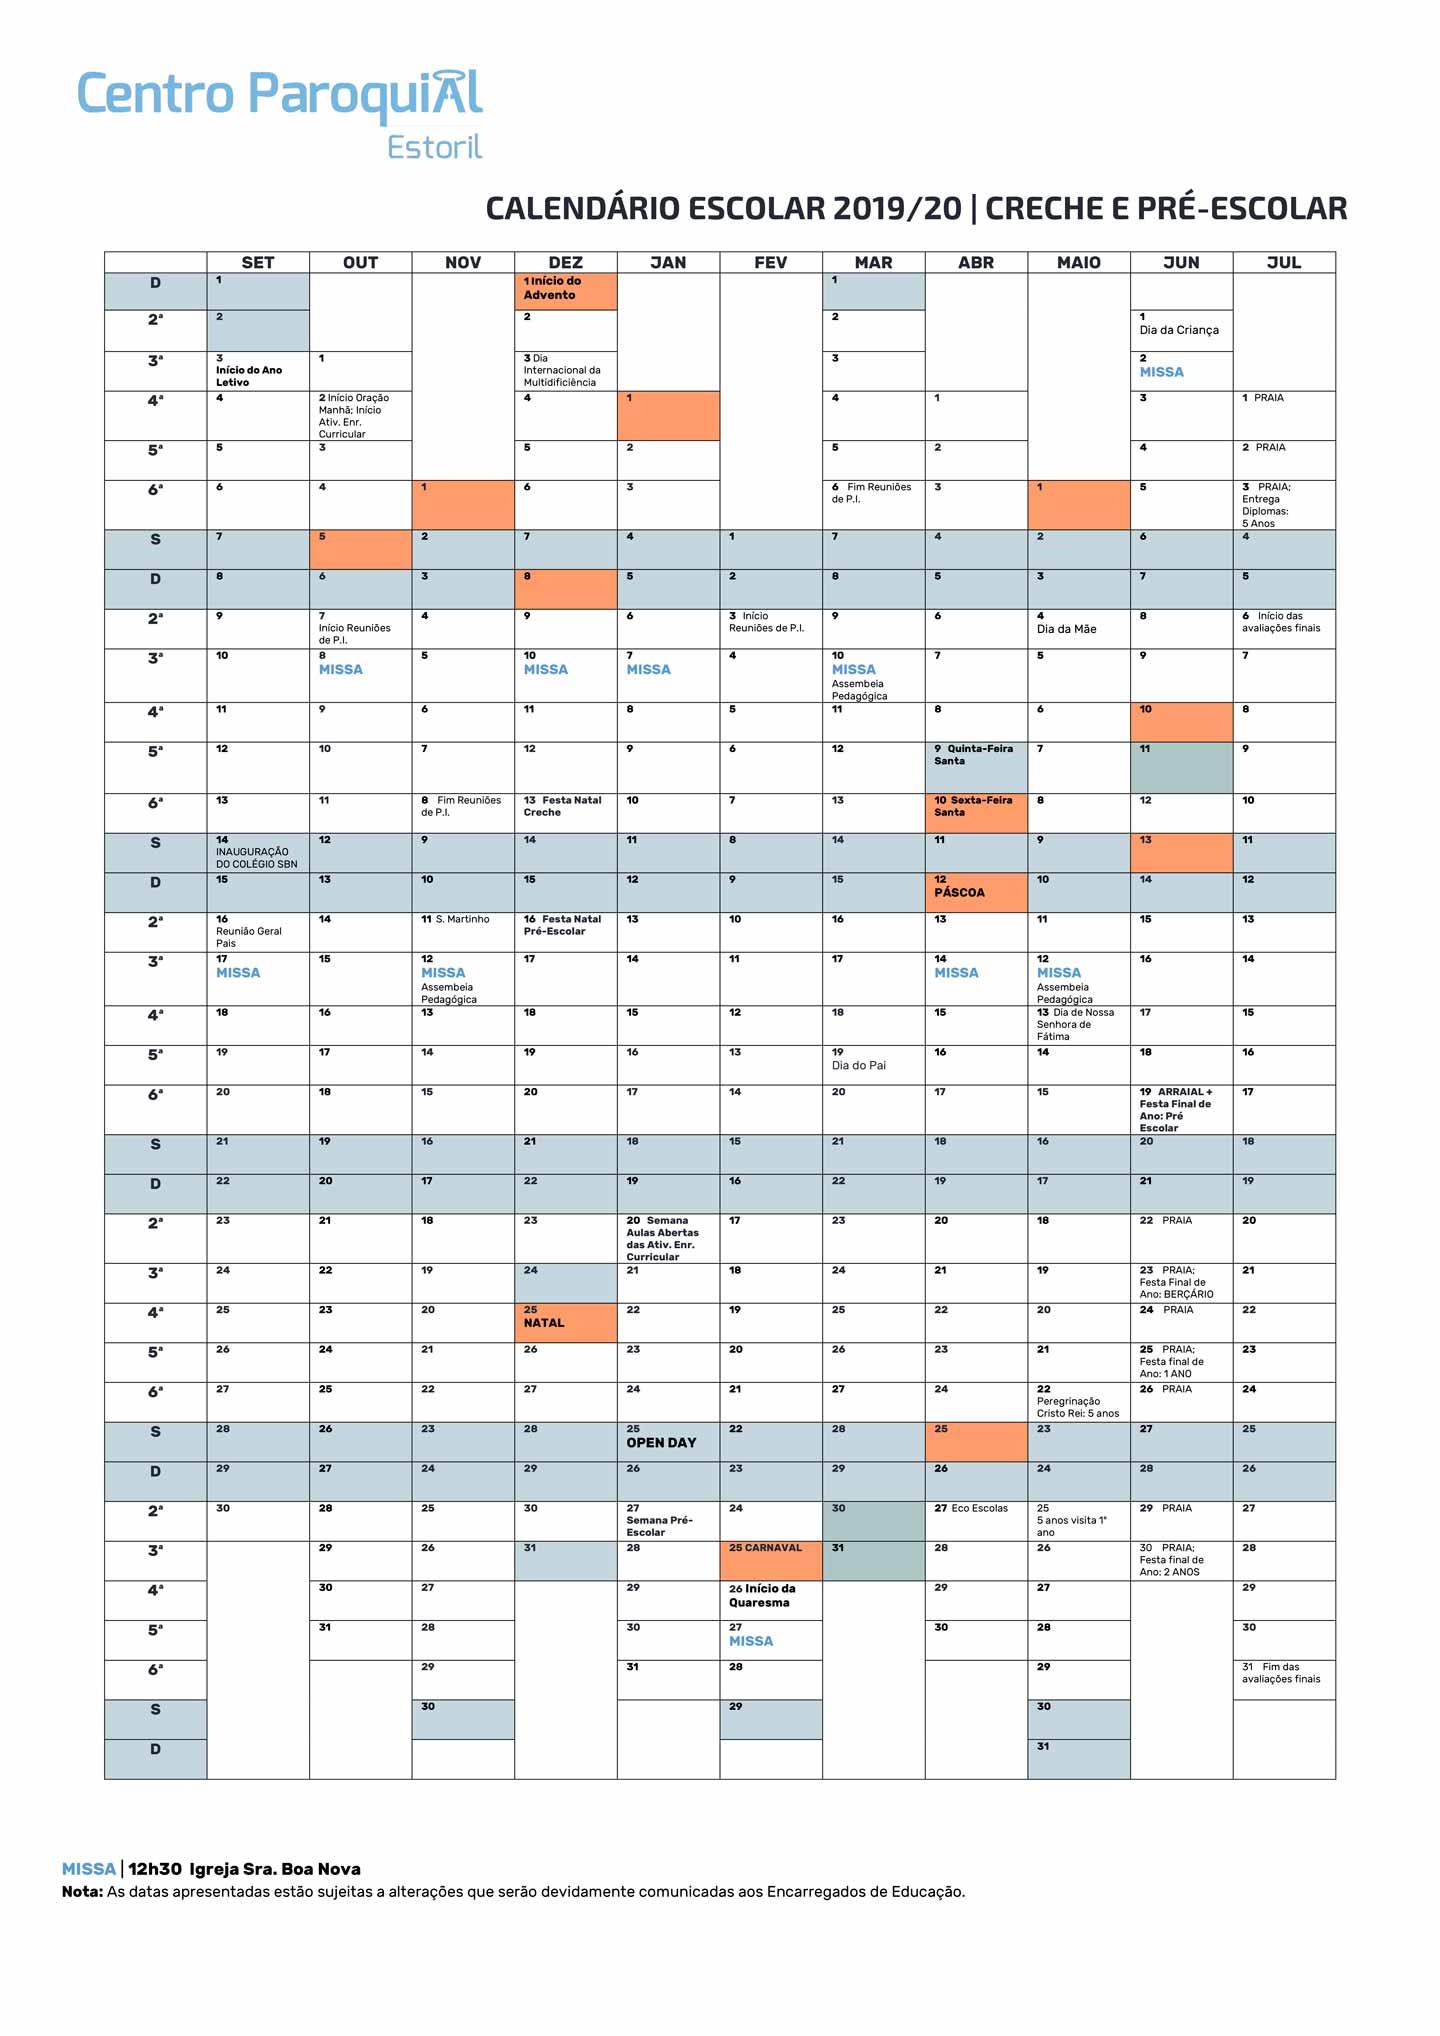 calendario-creche_pre-escolar